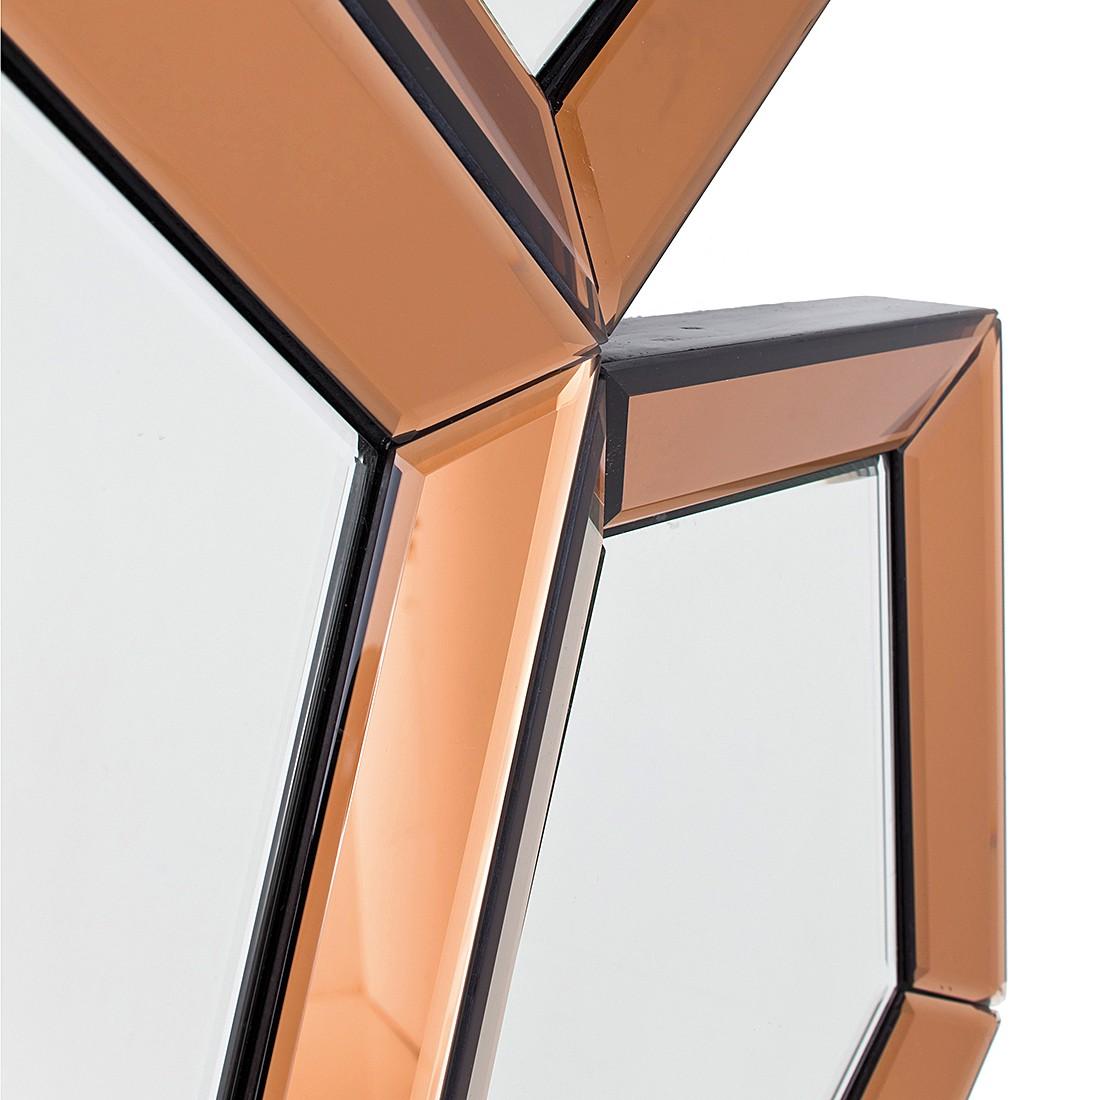 spiegel pentagon kare design m kd 000592 kauf dir. Black Bedroom Furniture Sets. Home Design Ideas